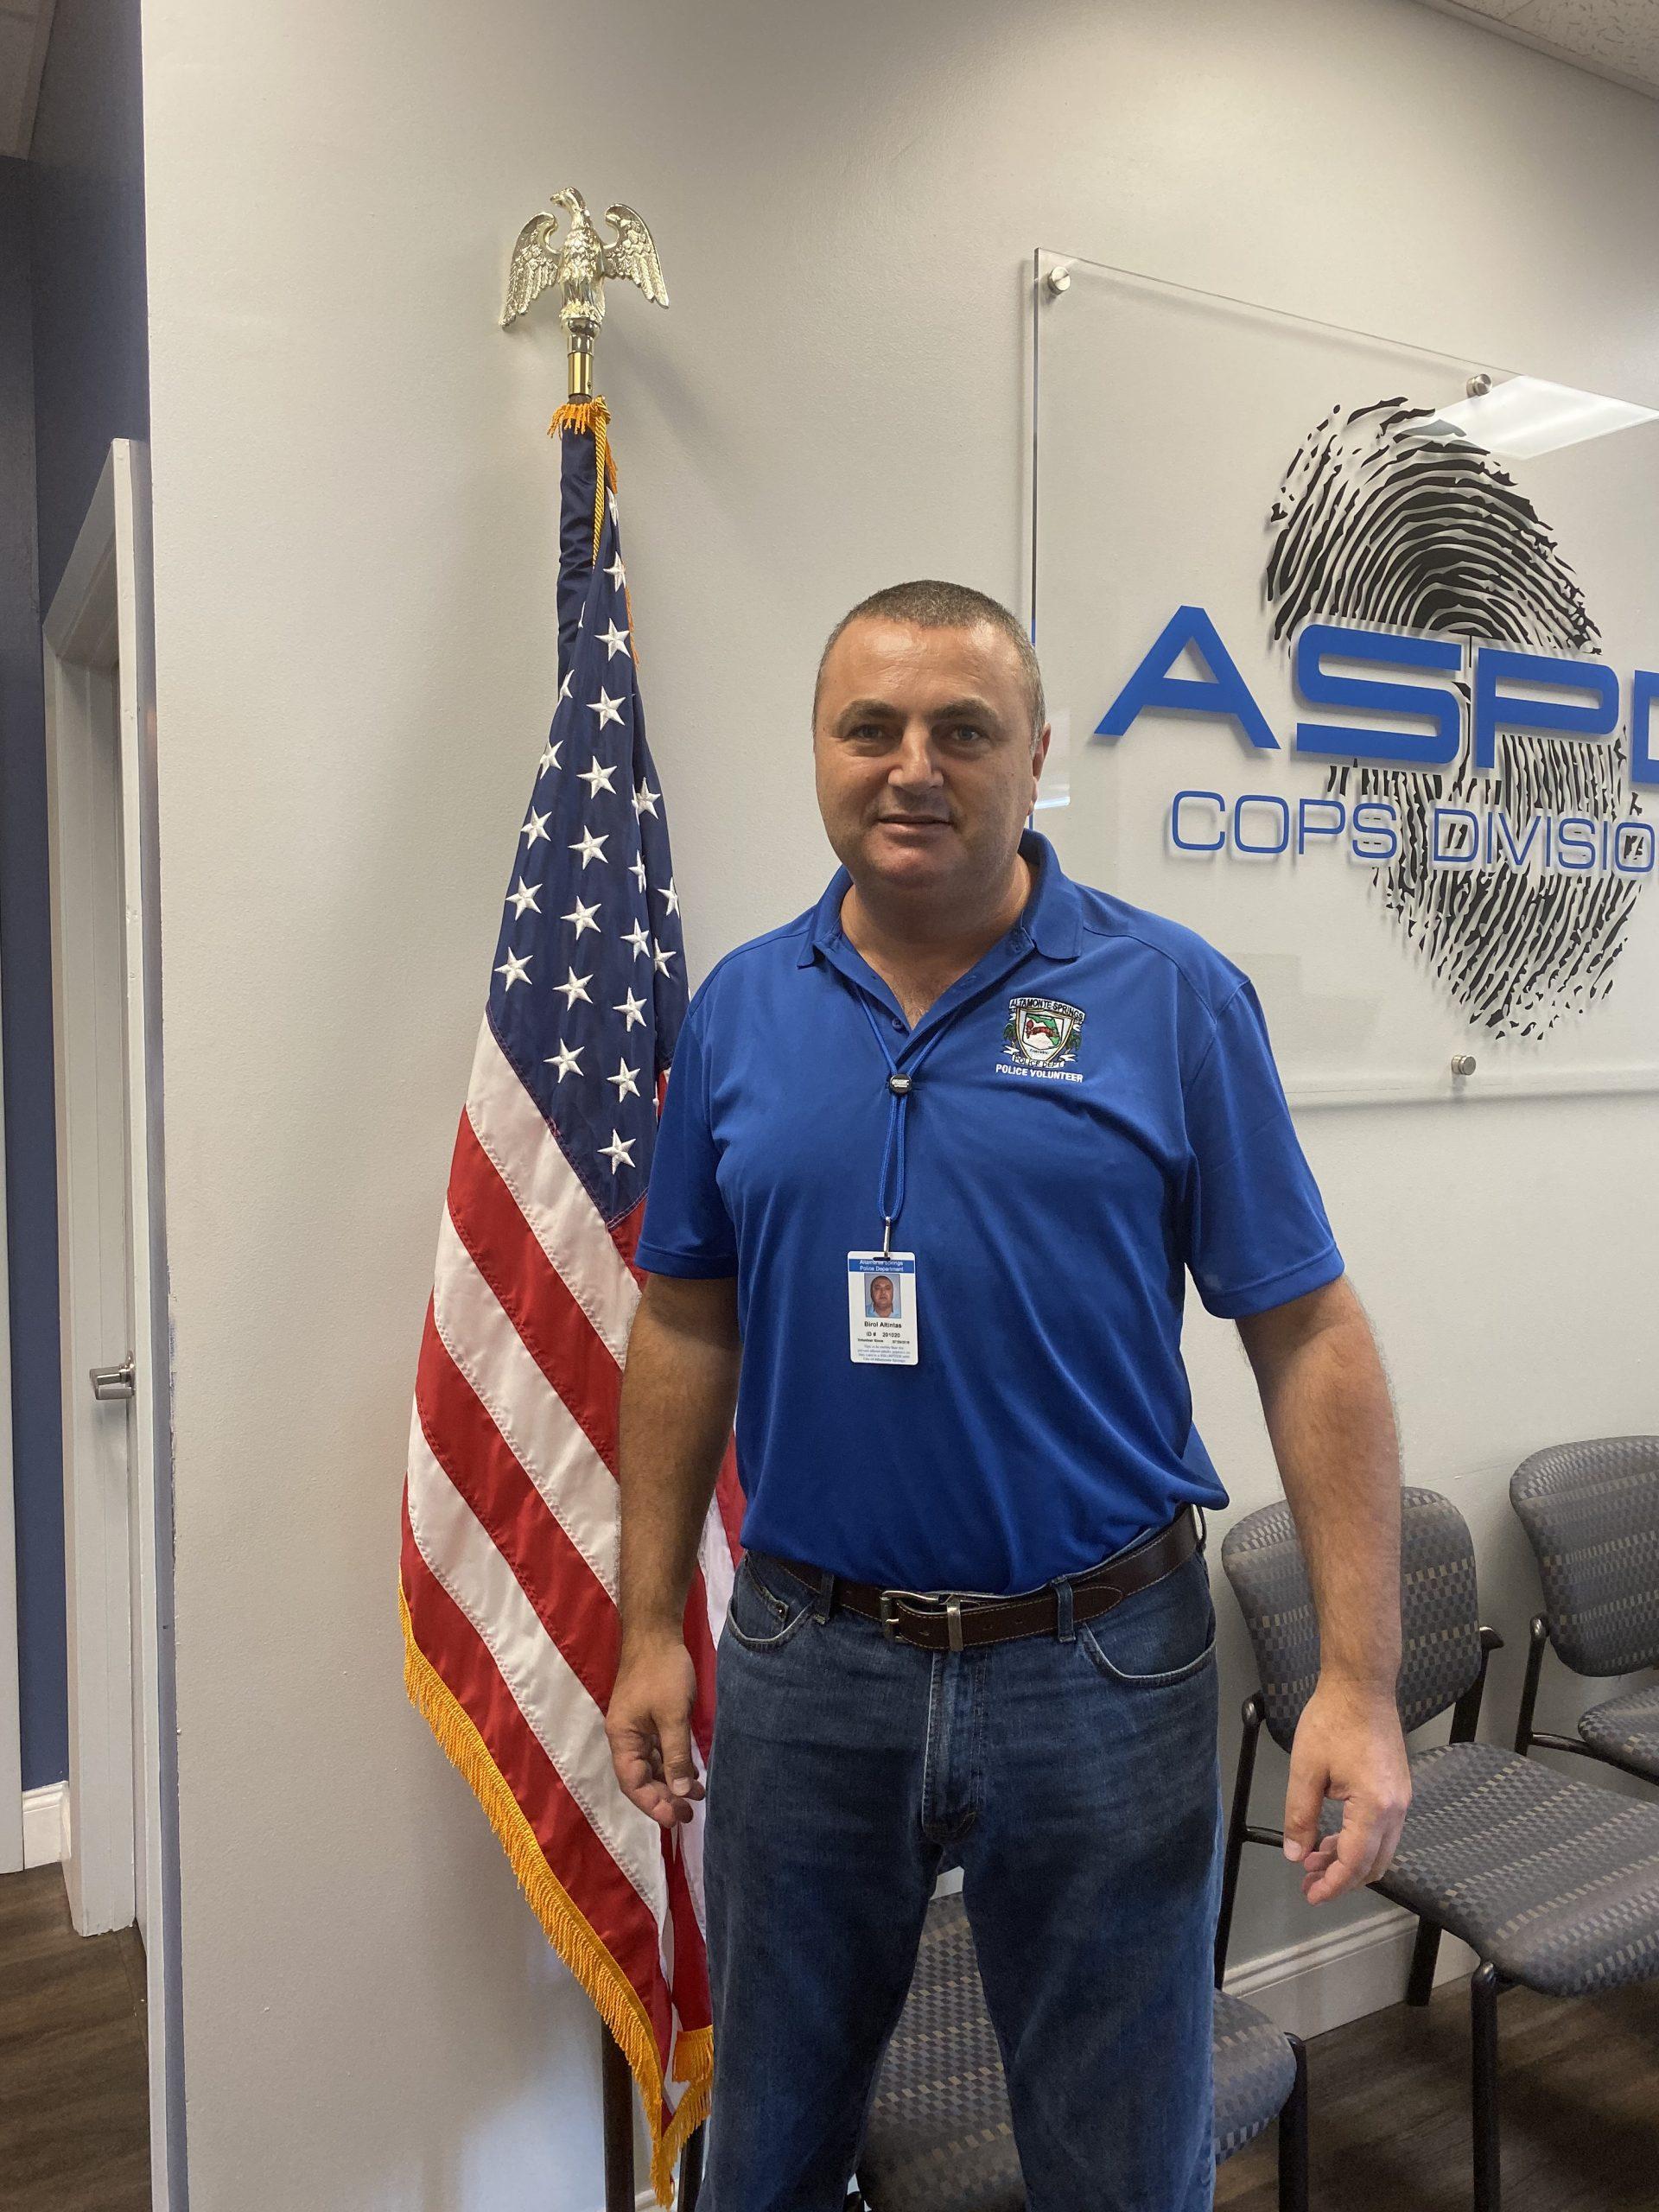 Photo of Birol volunteering in the Altamonte Springs Police Department